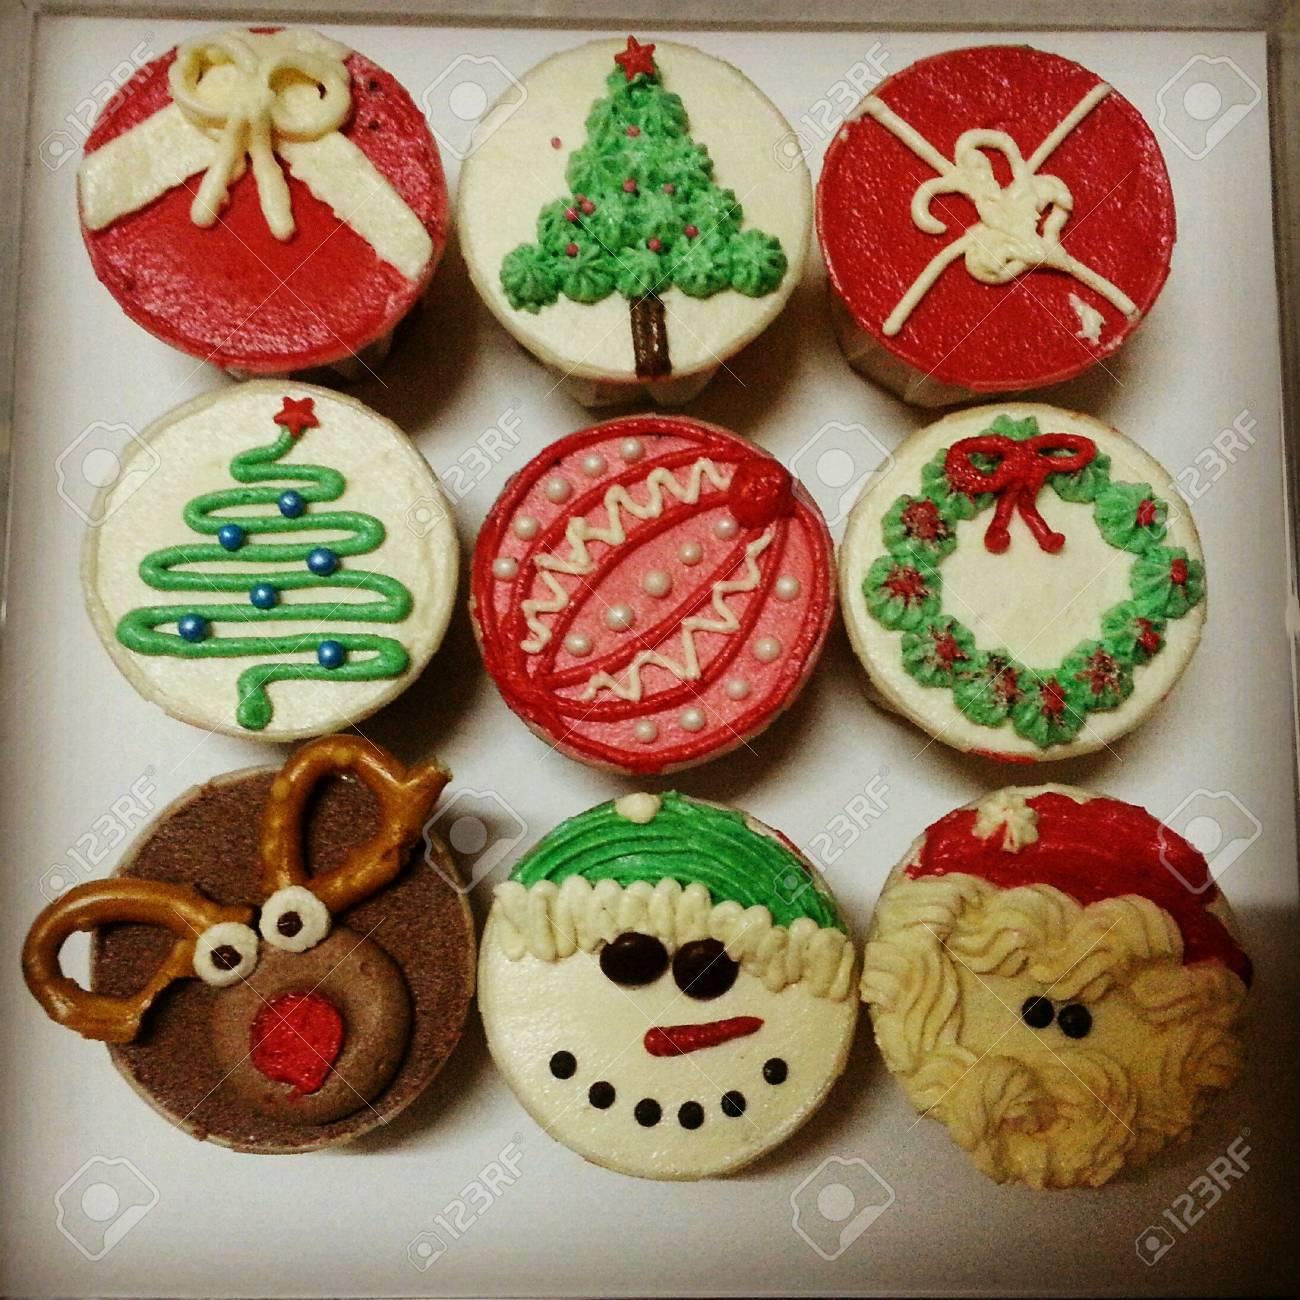 Nette Kleine Kuchen Fur Weihnachten Lizenzfreie Fotos Bilder Und